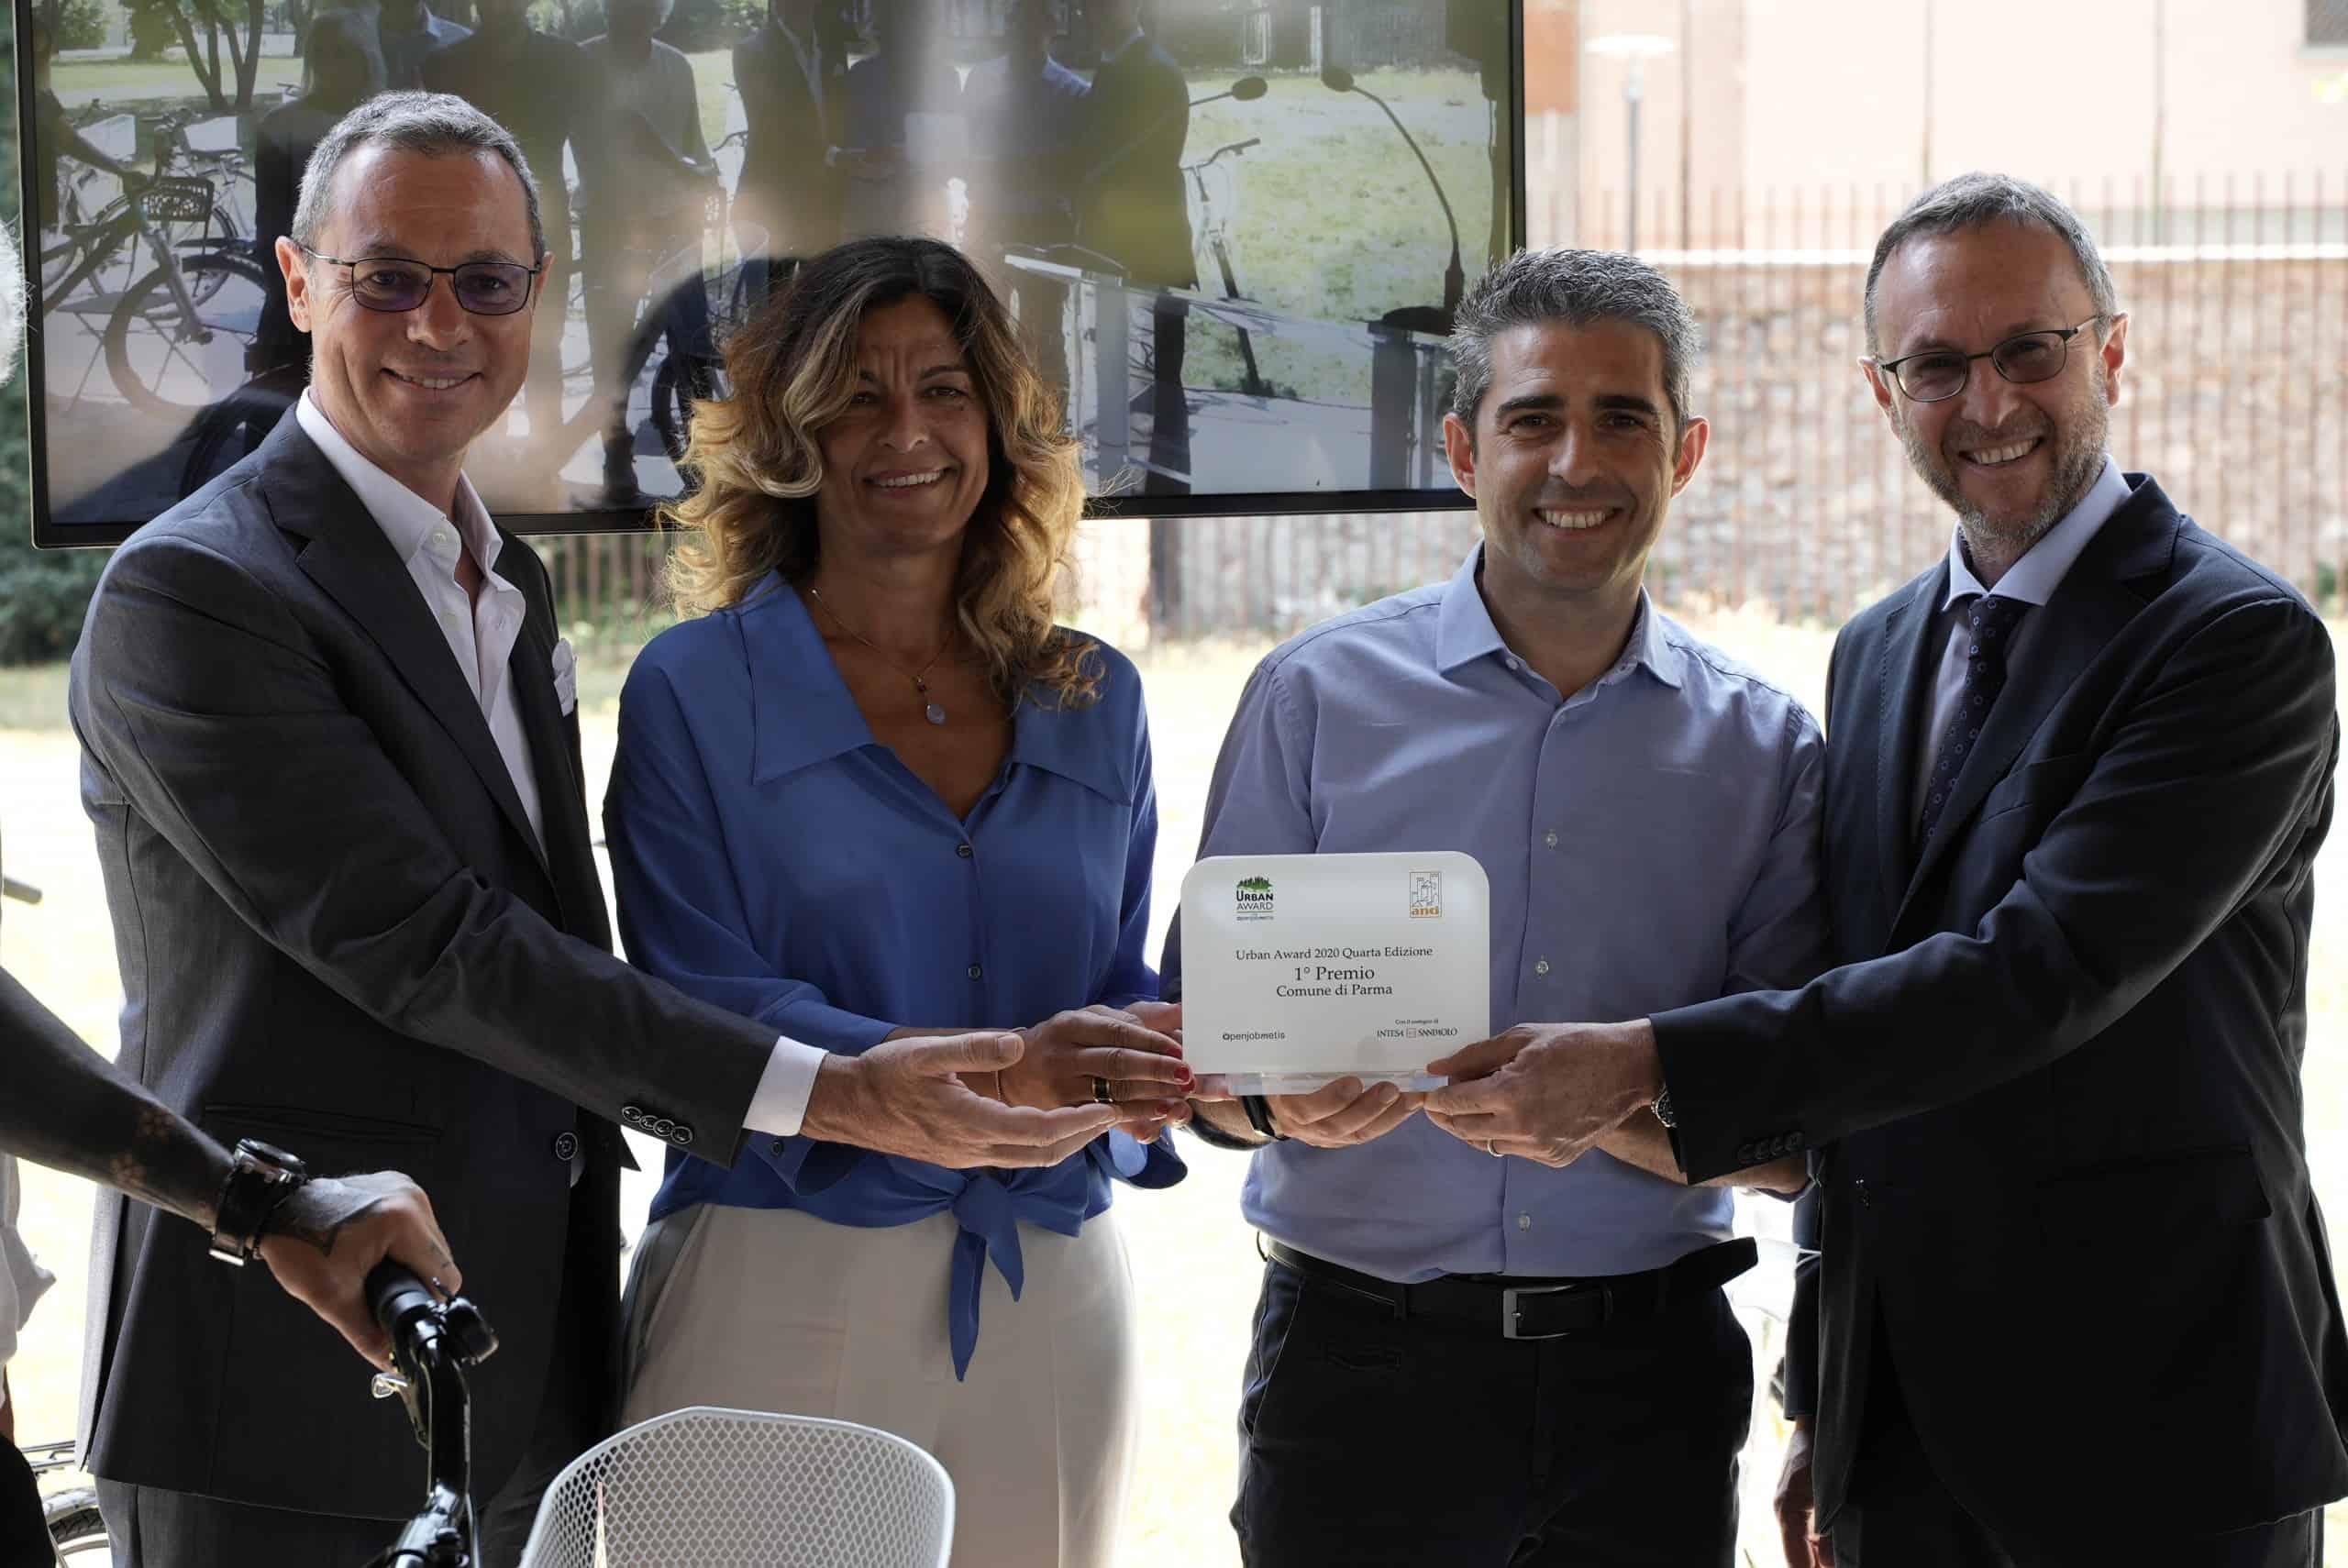 premio urban award